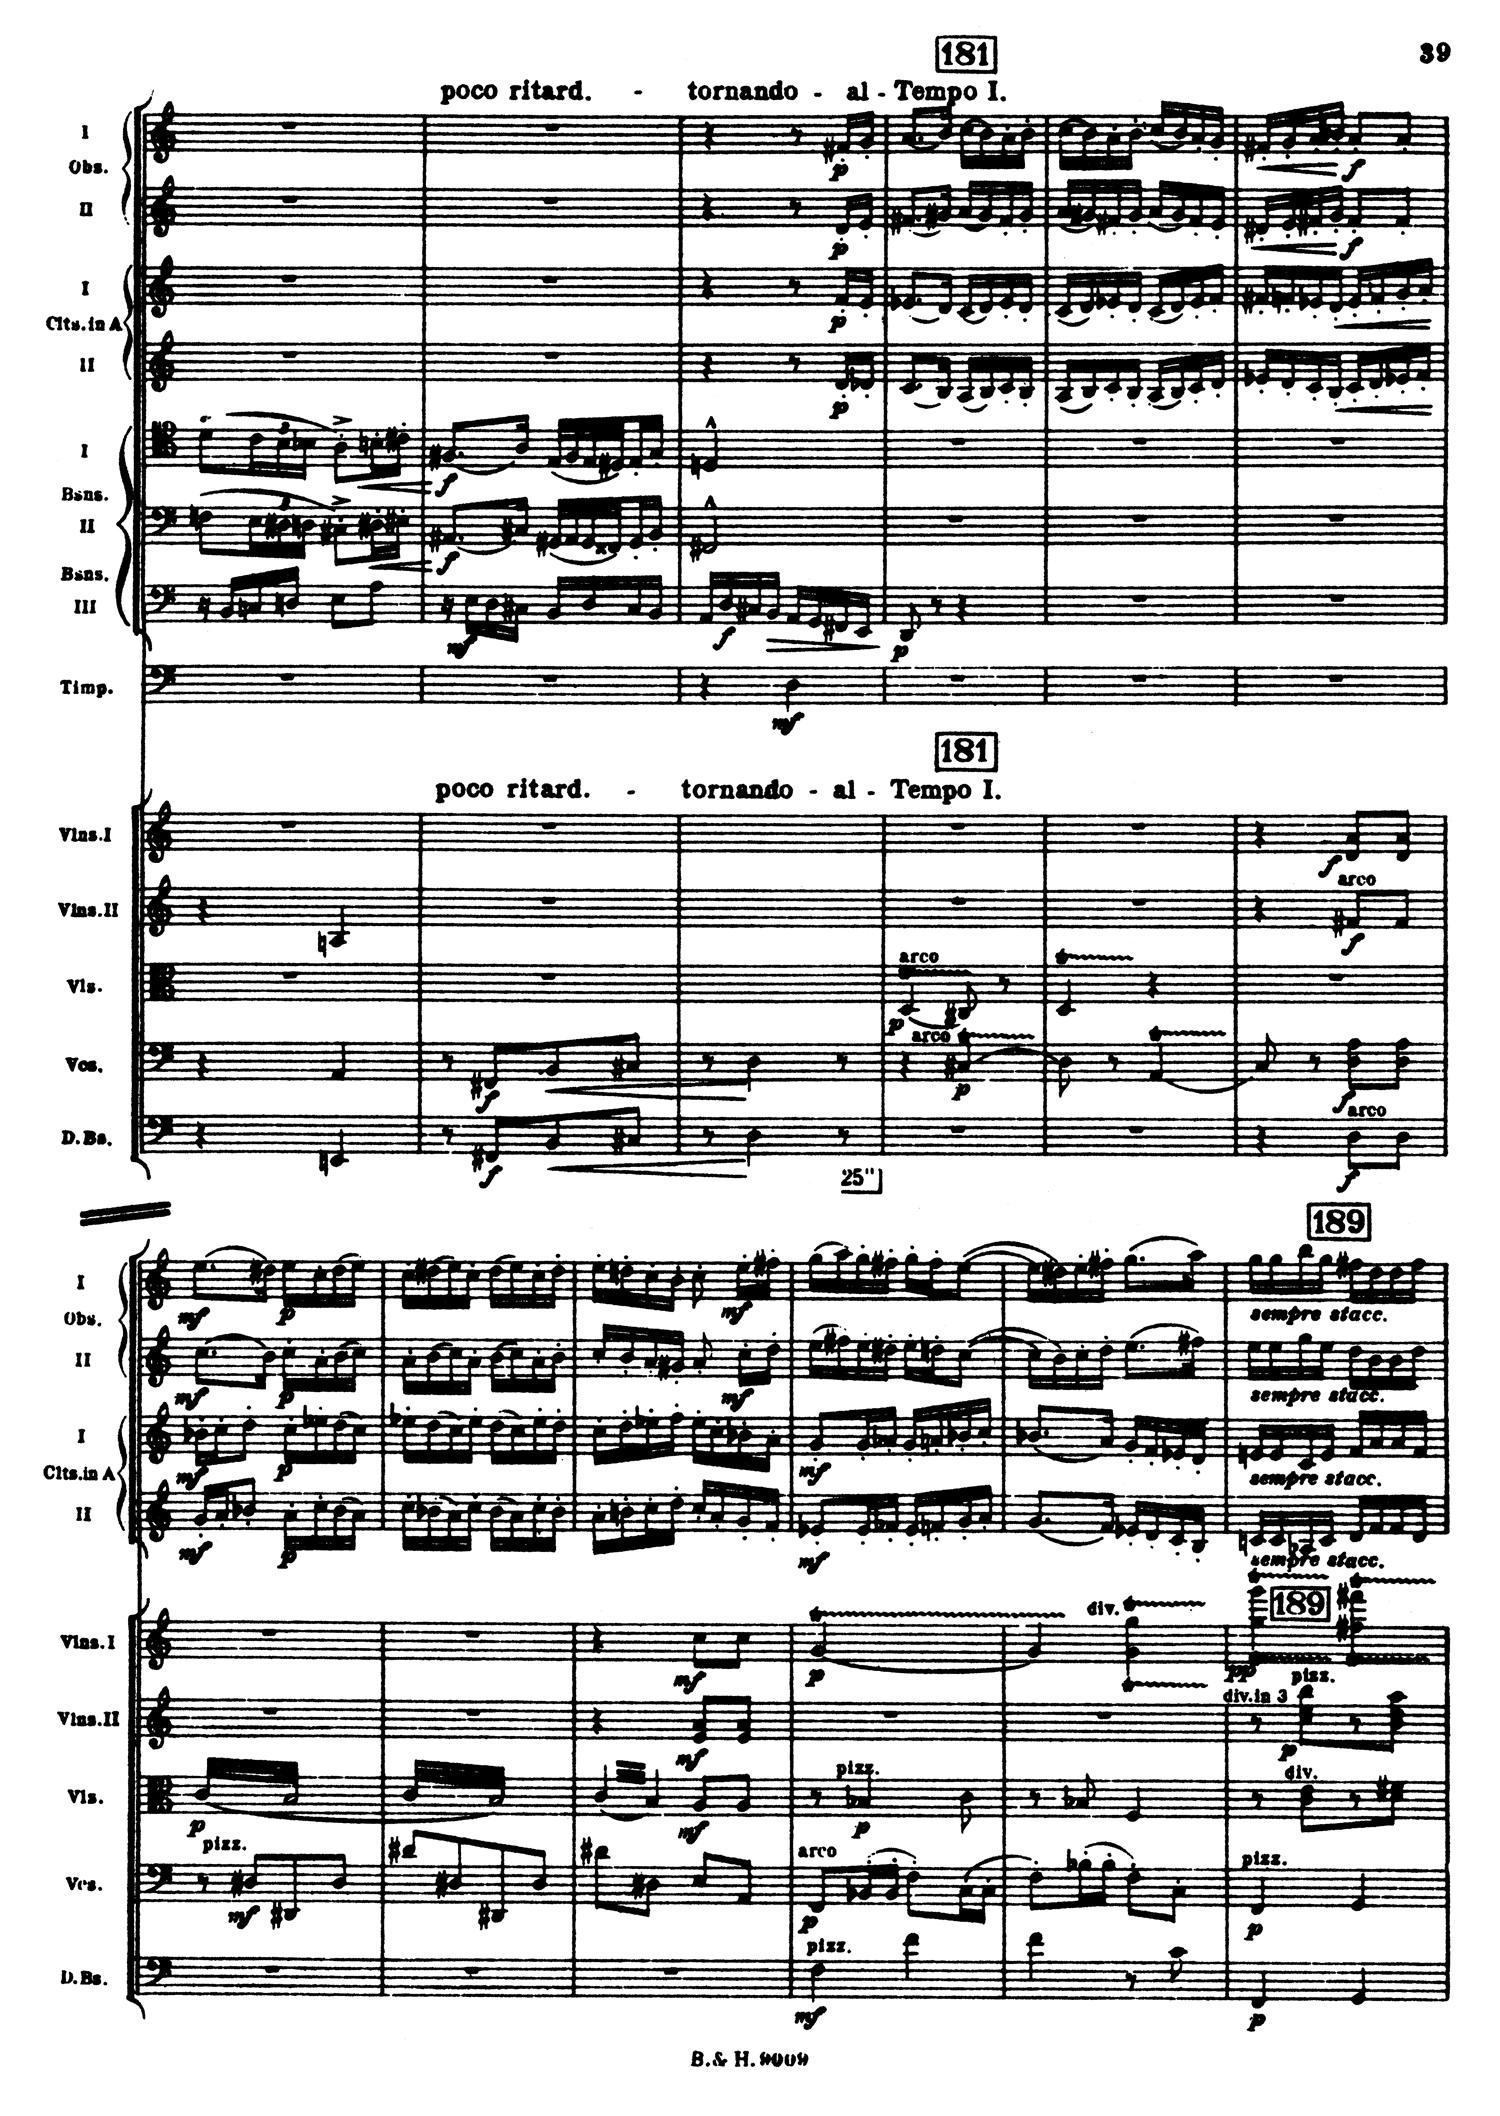 Bartok Score 4.jpg